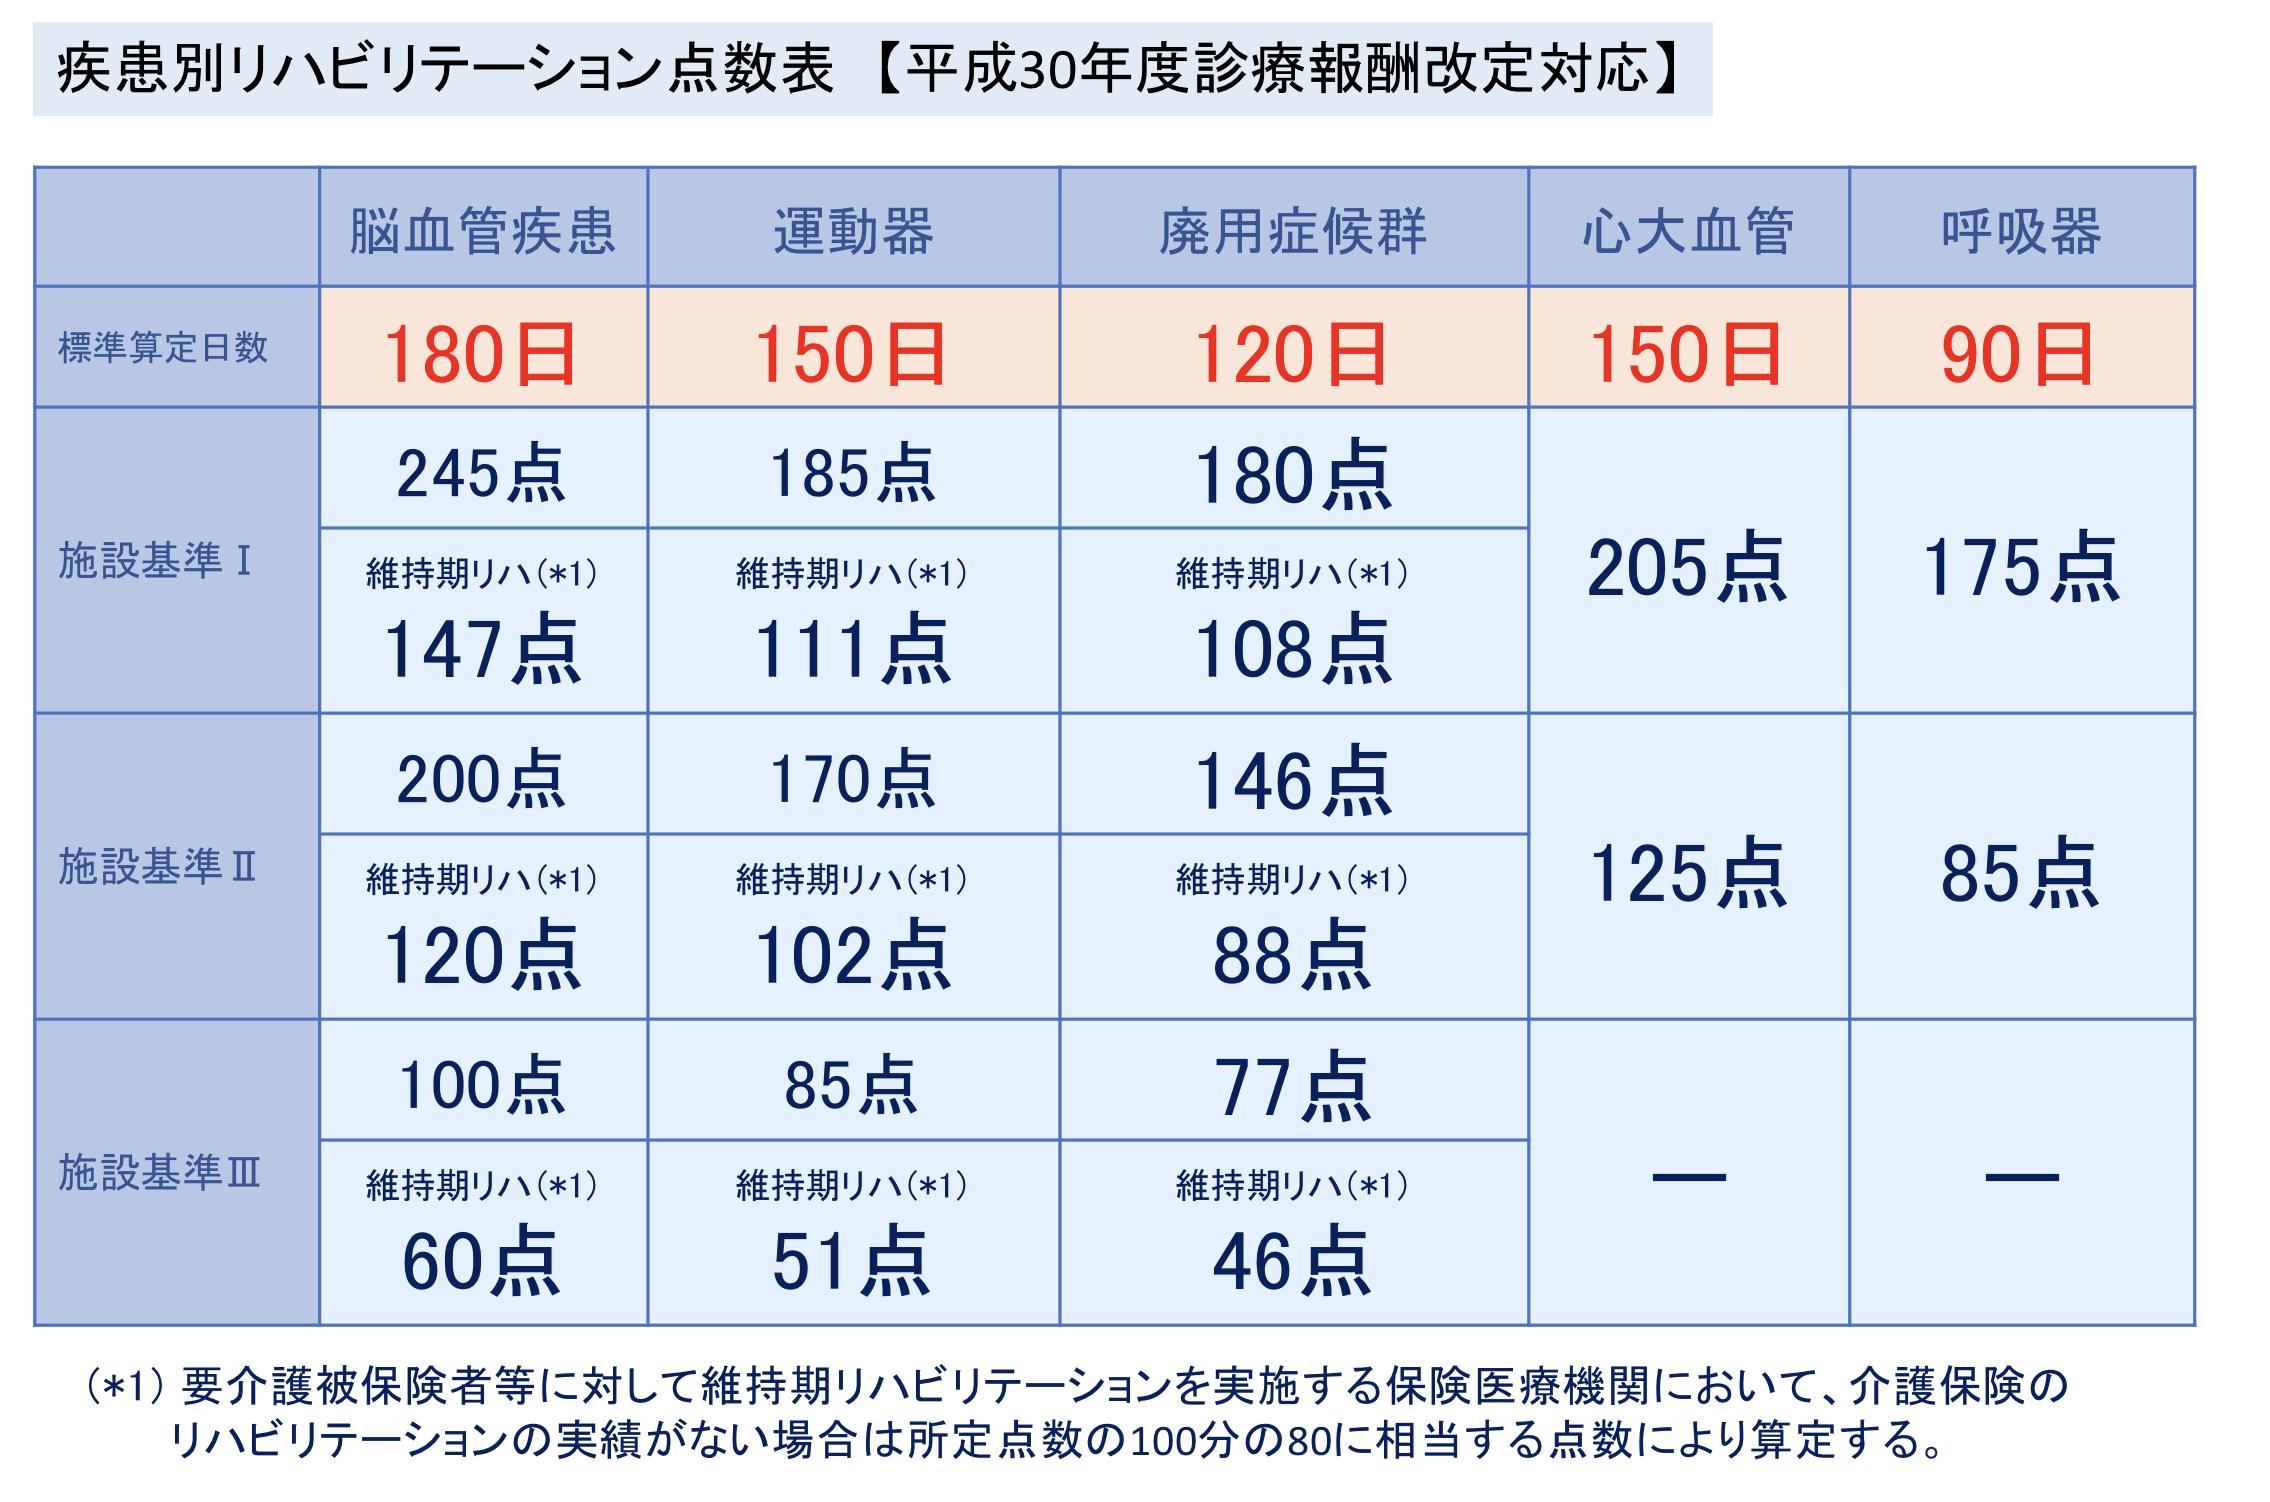 診療報酬改定について |厚生労働省 - mhlw.go.jp